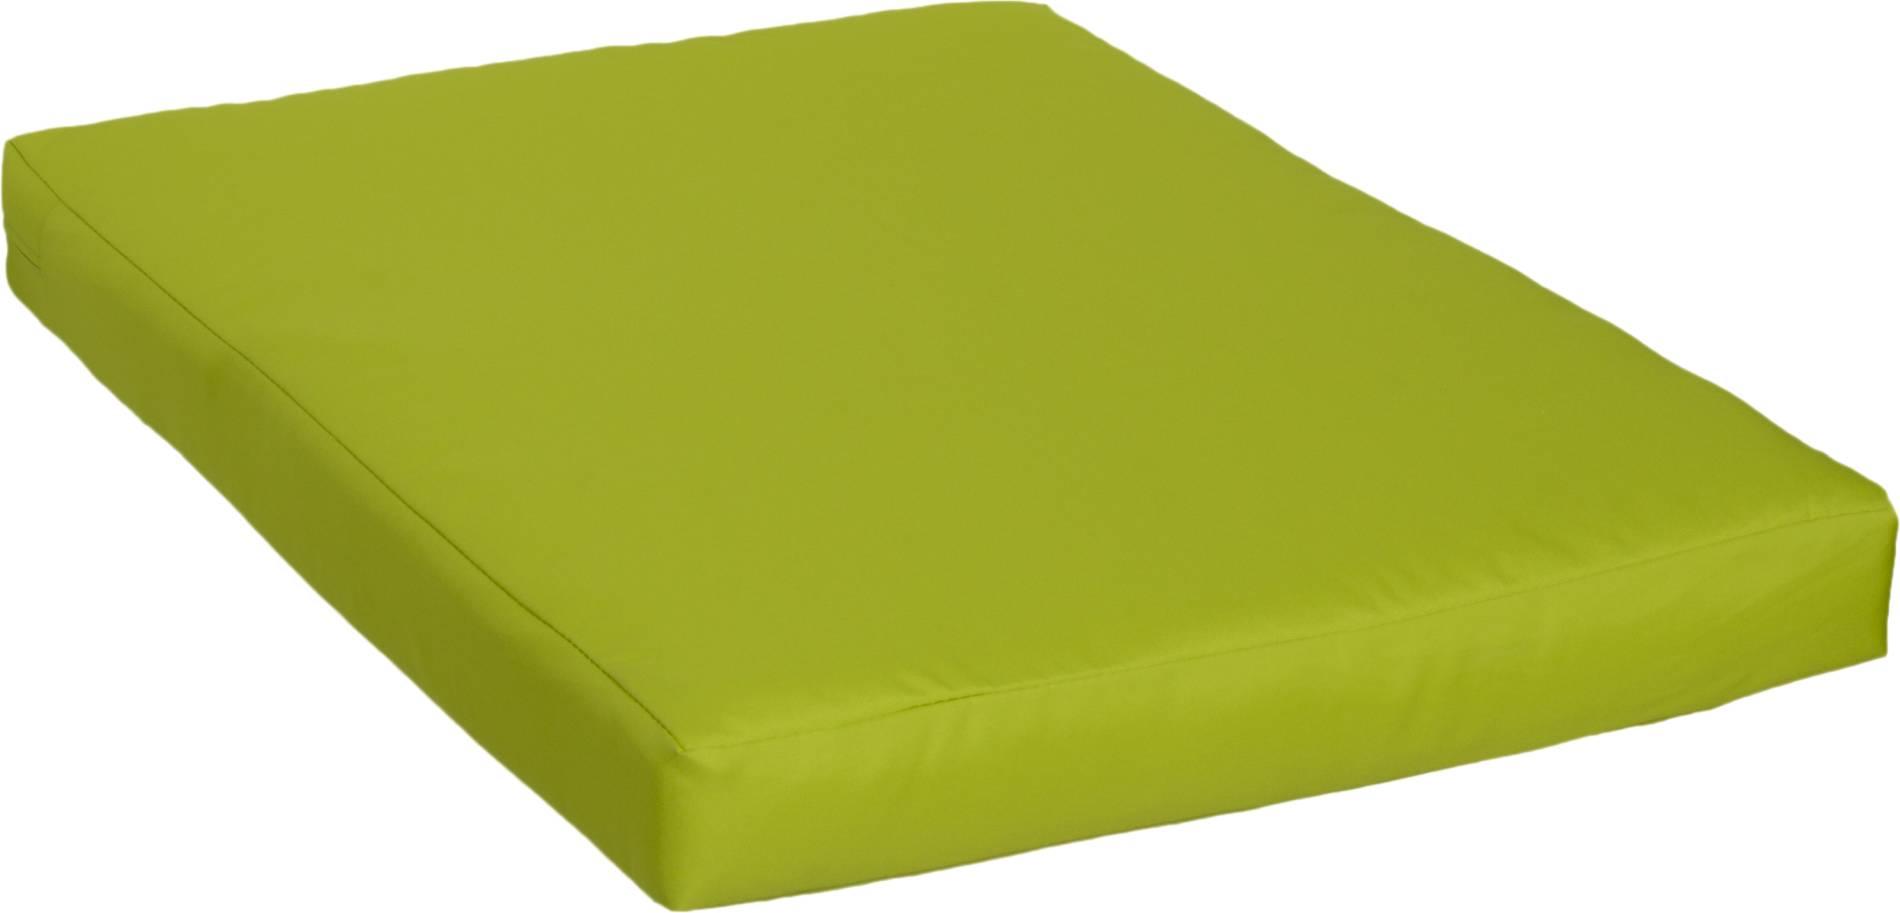 Palettenkissen 100% Polyester für Palettensofas oder Loungegruppen in hellgrün ca. 80 x 60 cm